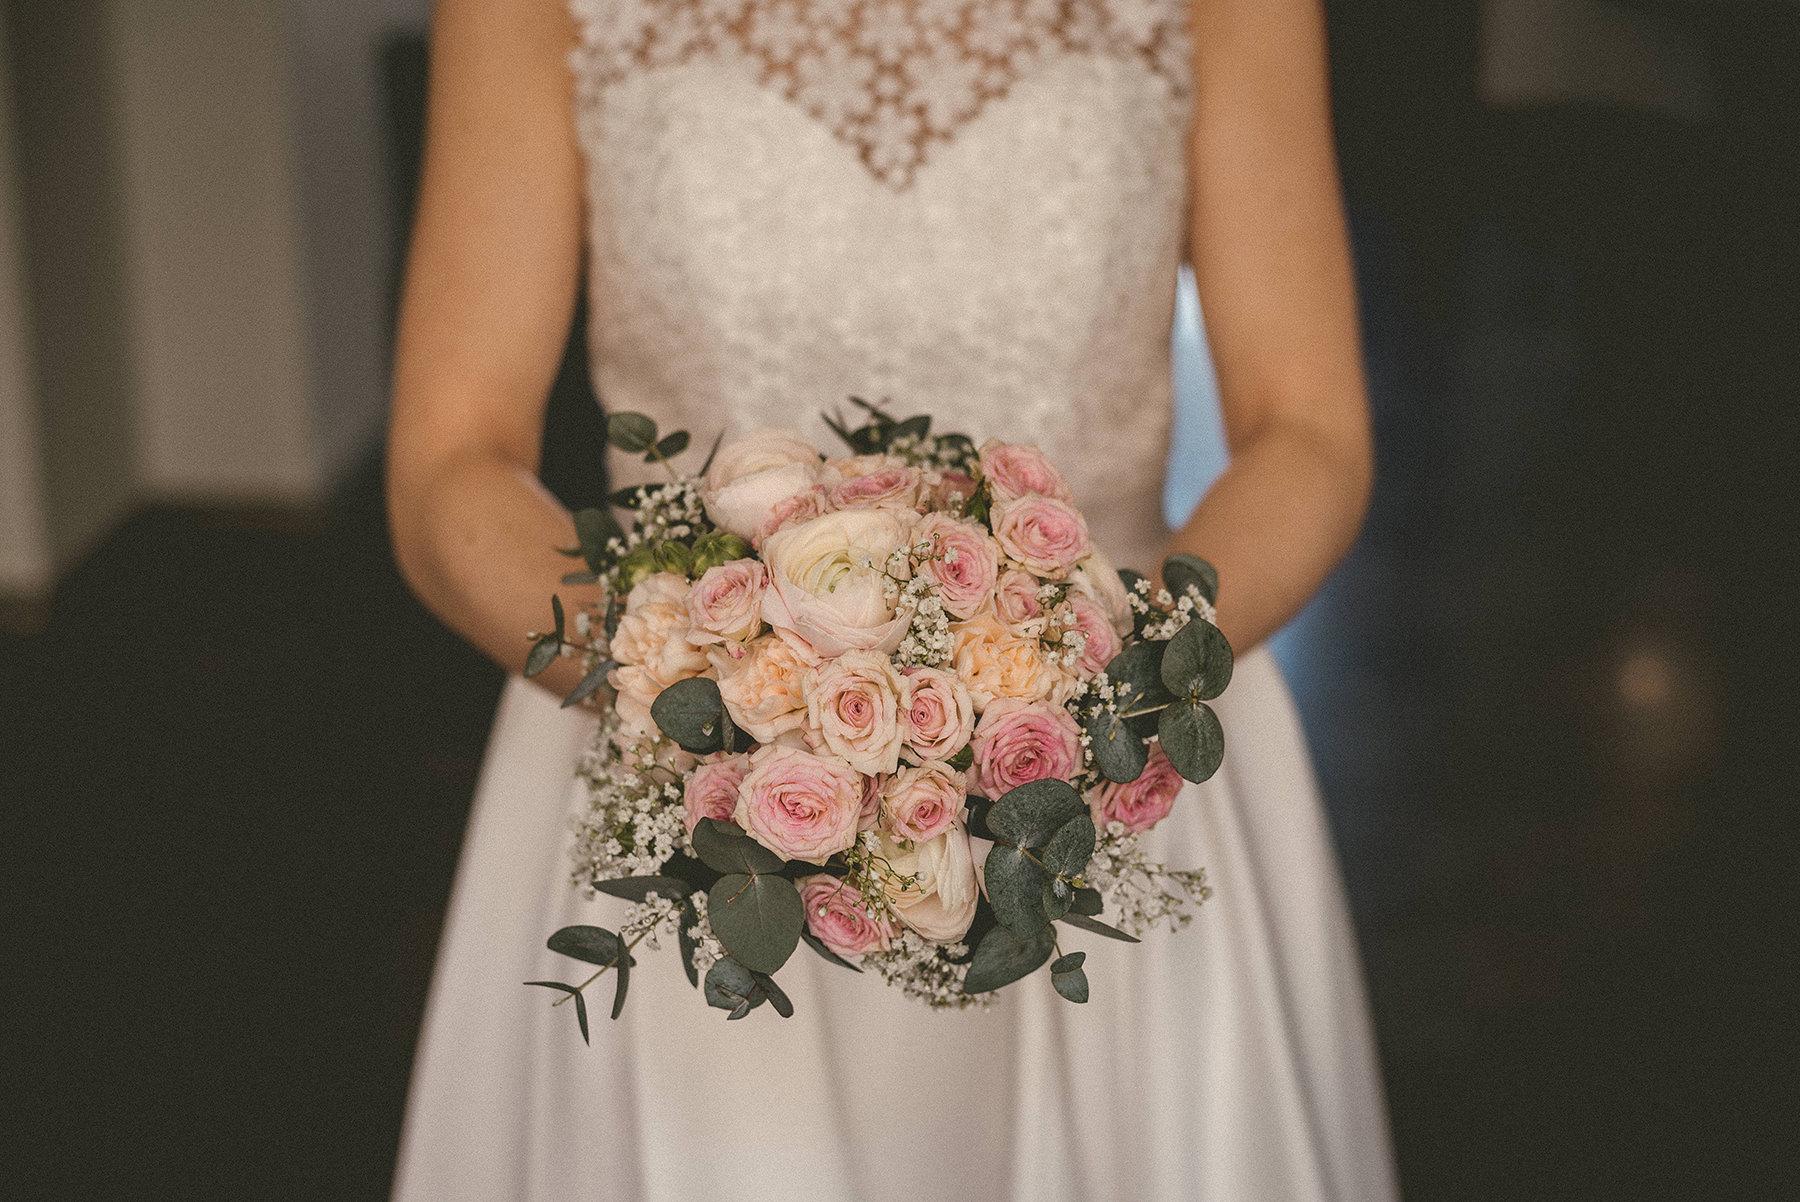 Hochzeit-Bonn-Kirschblüte-Sonja-Oliver-Dreamcatcher-Photography-Hochzeitsfotografie (13)